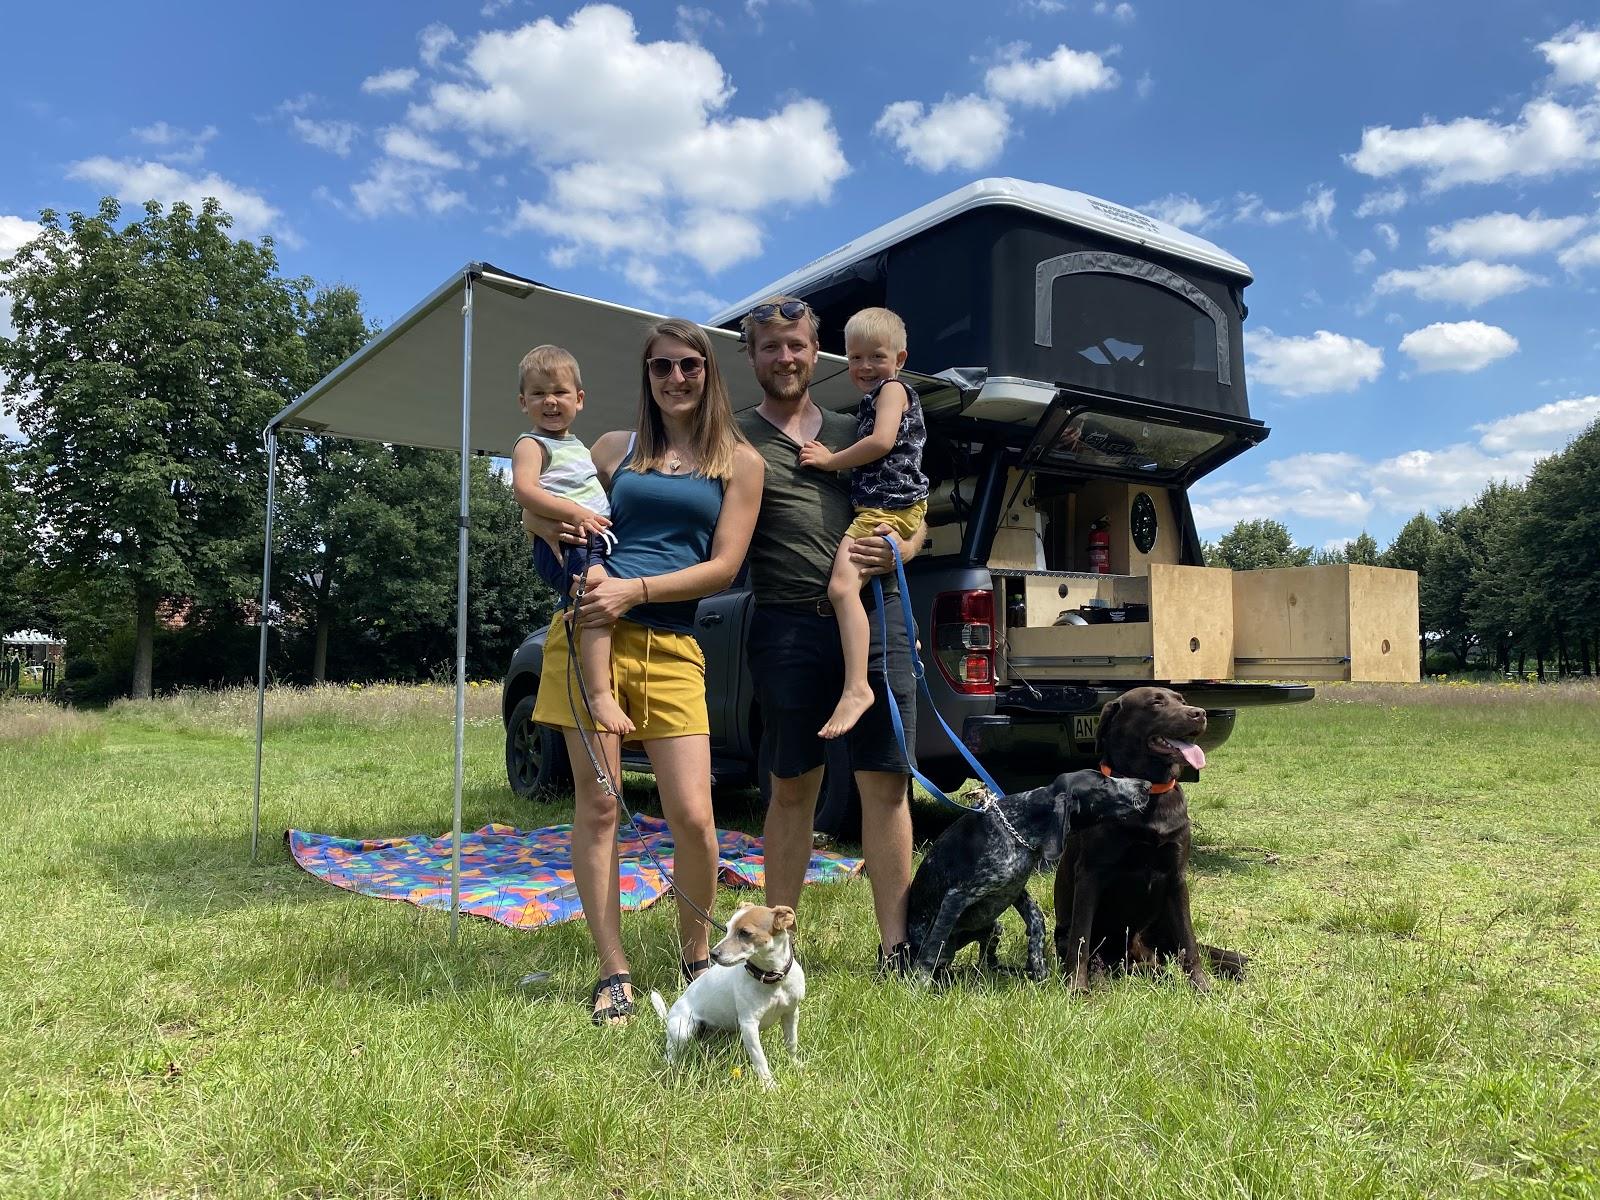 familie mit 2 Kindern und drei Hunden, im Hintergrunf ein Dachzelt mit Auto Ausbau und Markise